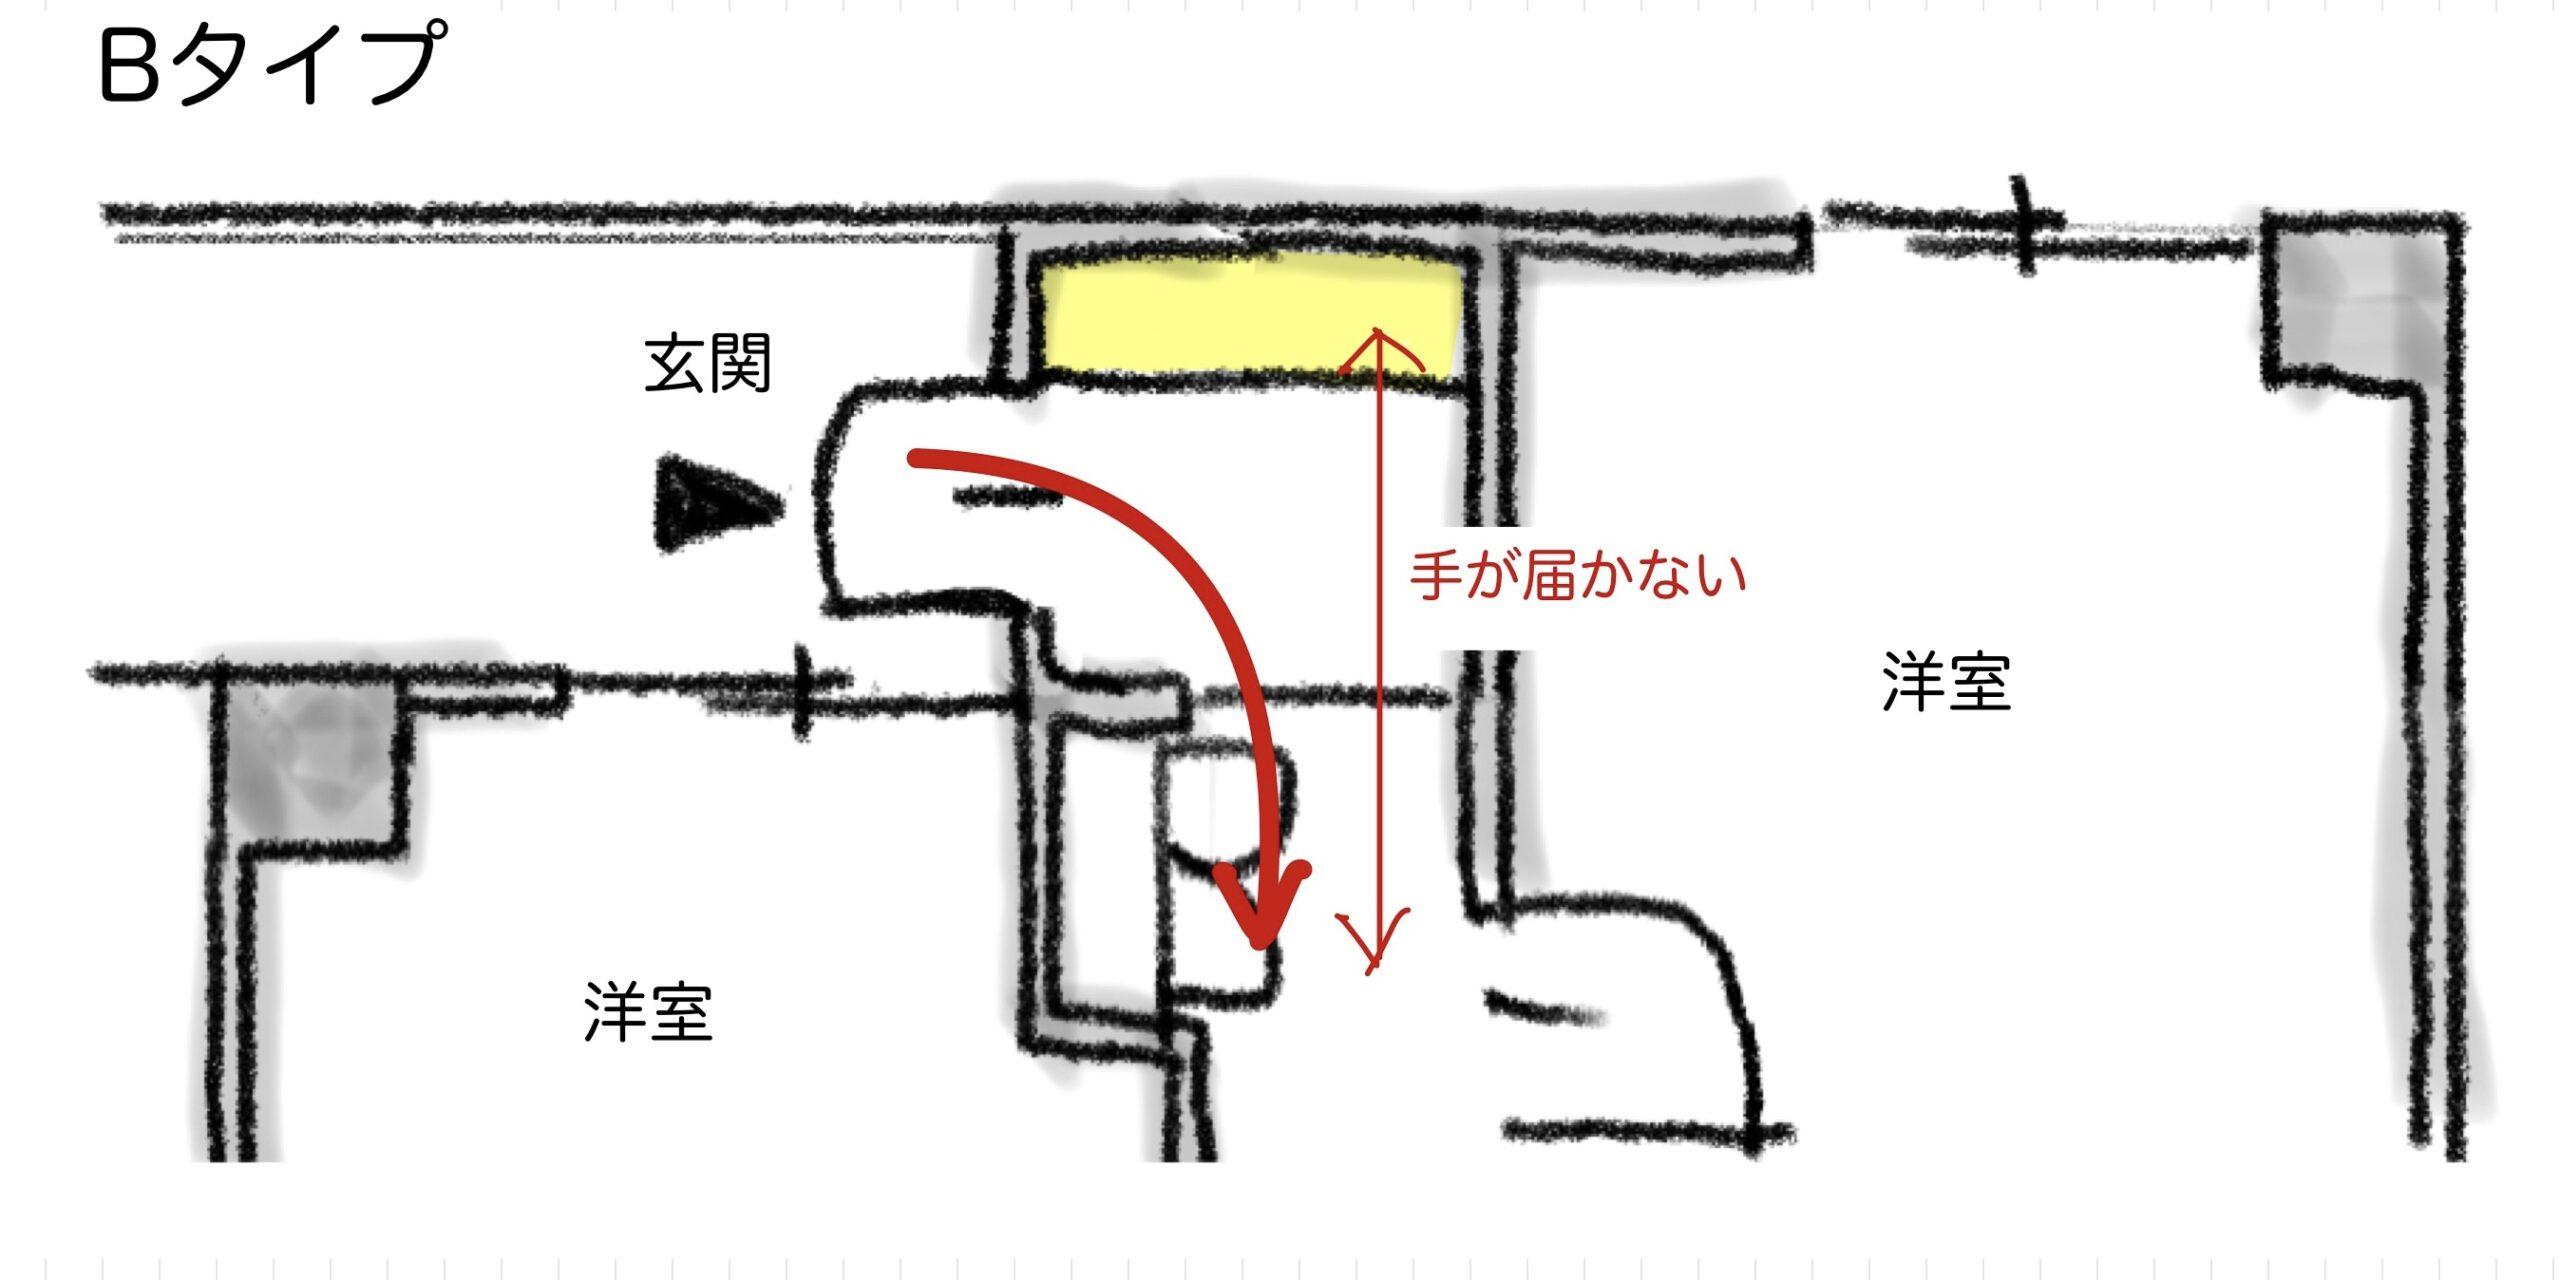 https://ouchikaeritai.com/2020/10/17/genkan-kutsu-shuunou/